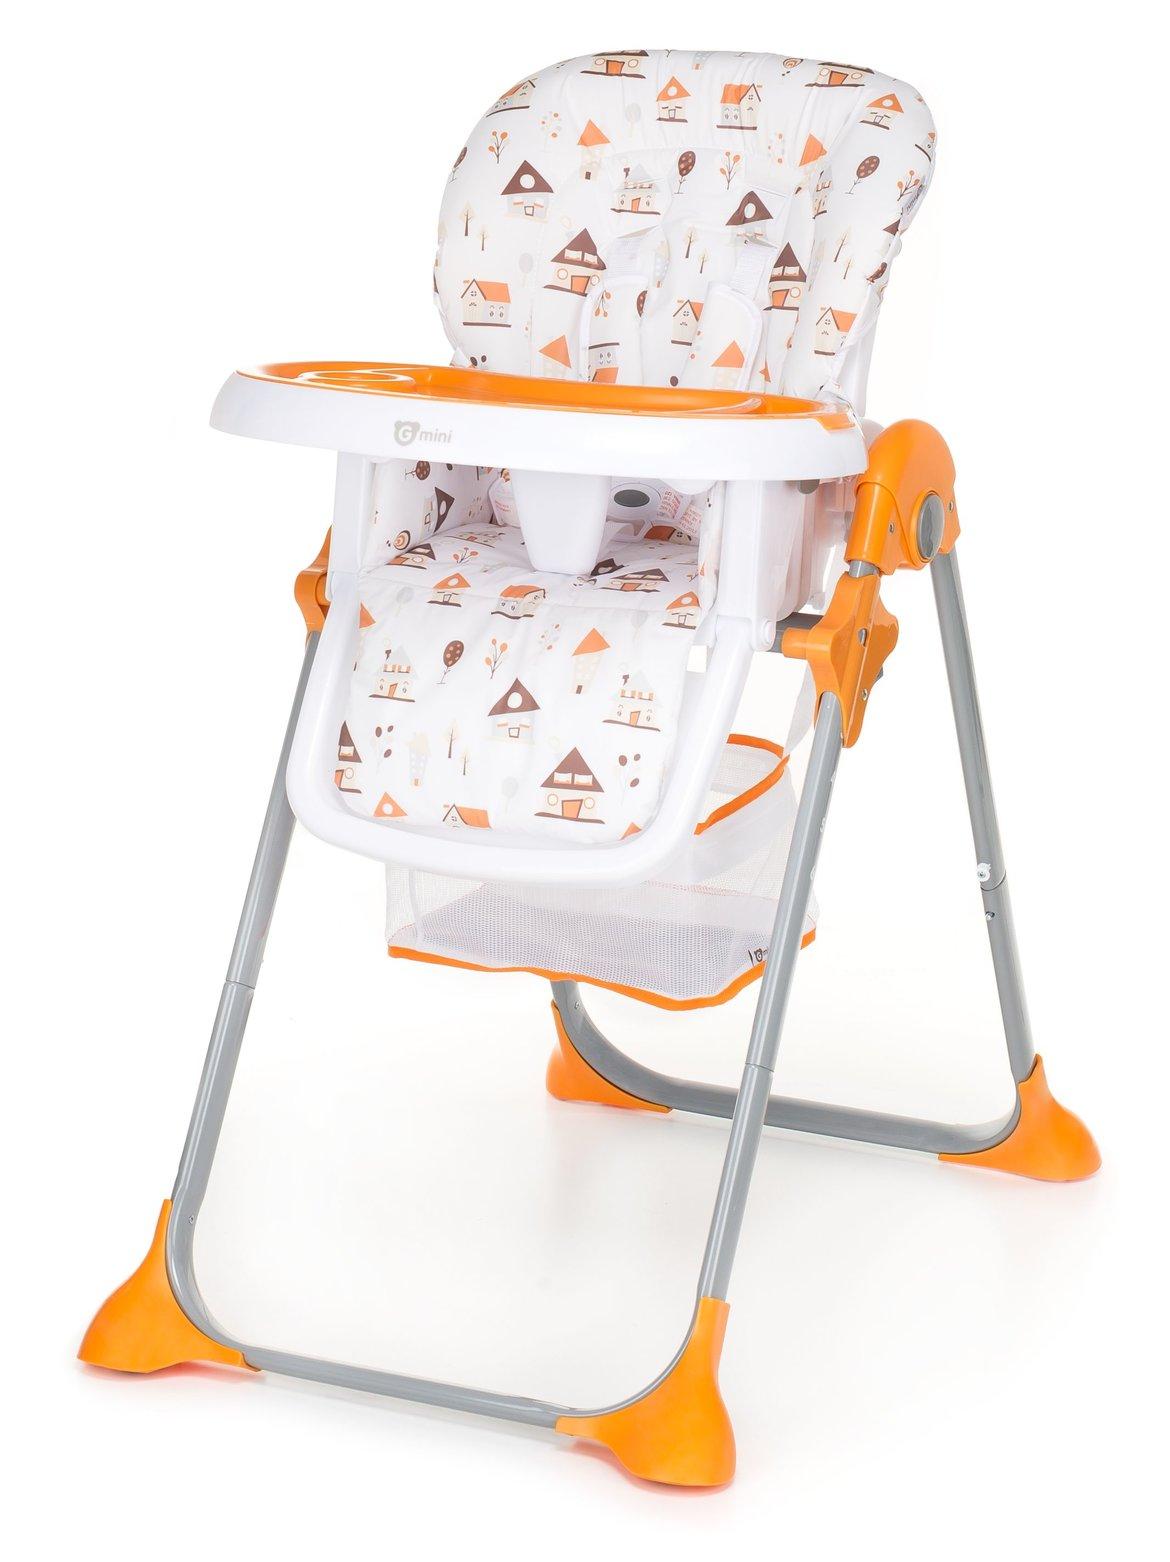 Jídelní židle G-mini Simply SHELL oranžová